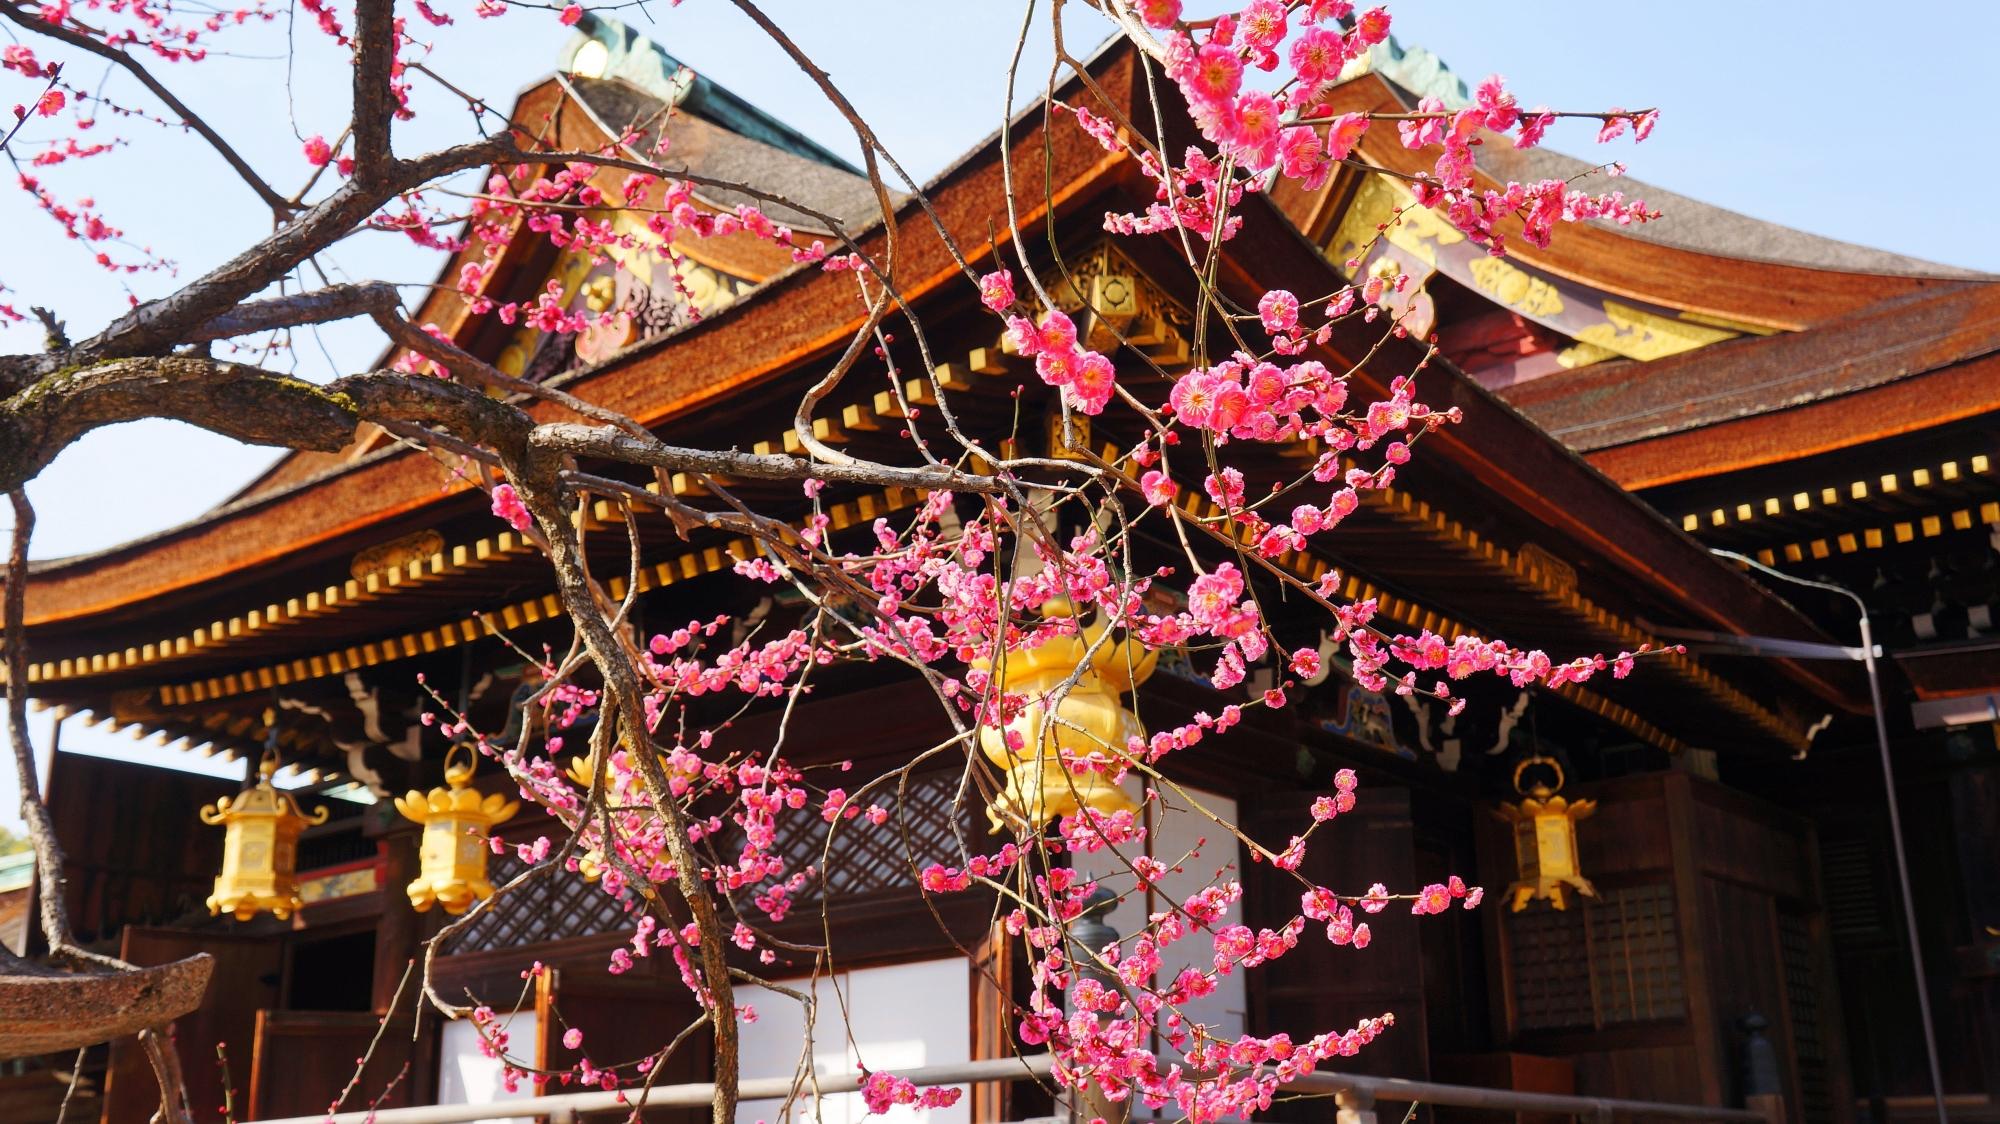 北野天満宮の社殿の東側の梅